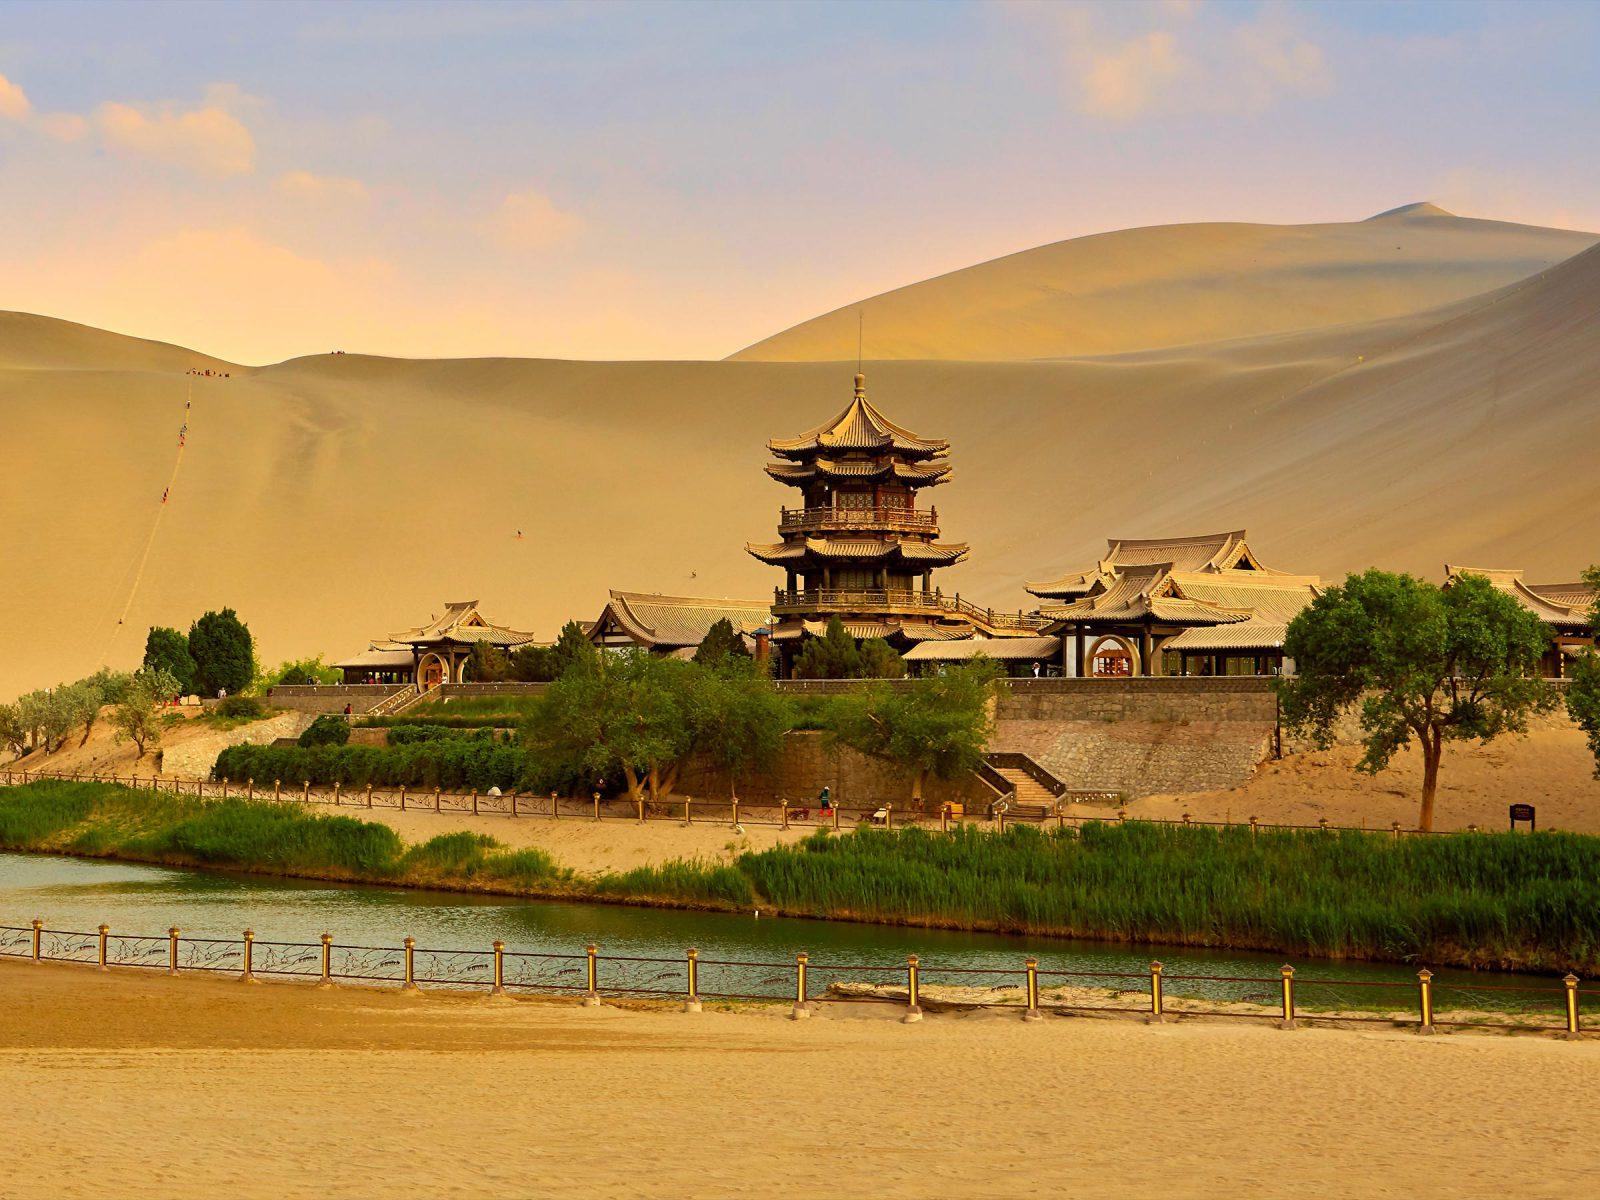 Dunhuang Crescent Moon Spring or Yueya Spring, Gansu Province, China. Photograph © iStock.com/rickwang.